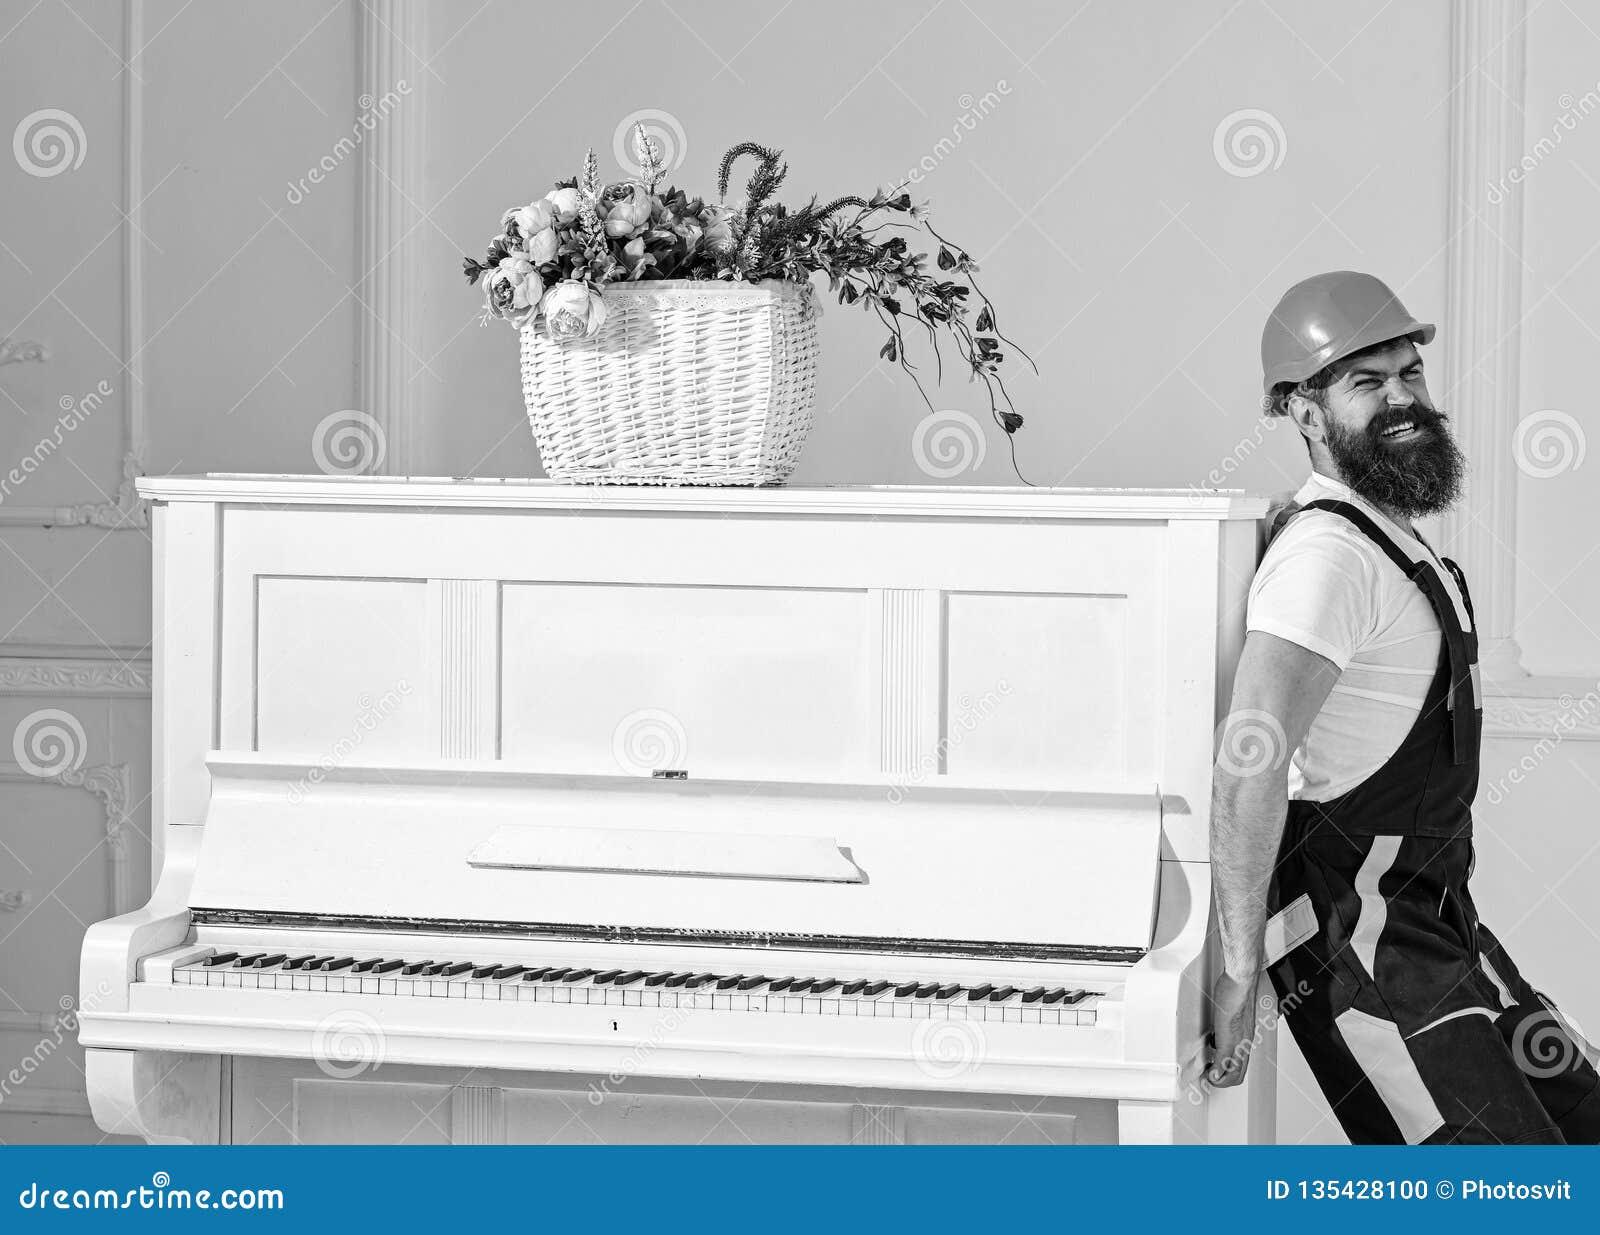 De koerier levert meubilair, beweging uit, verhuizing De mens met baardarbeider in helm en overallduwen, zette inspanningen aan